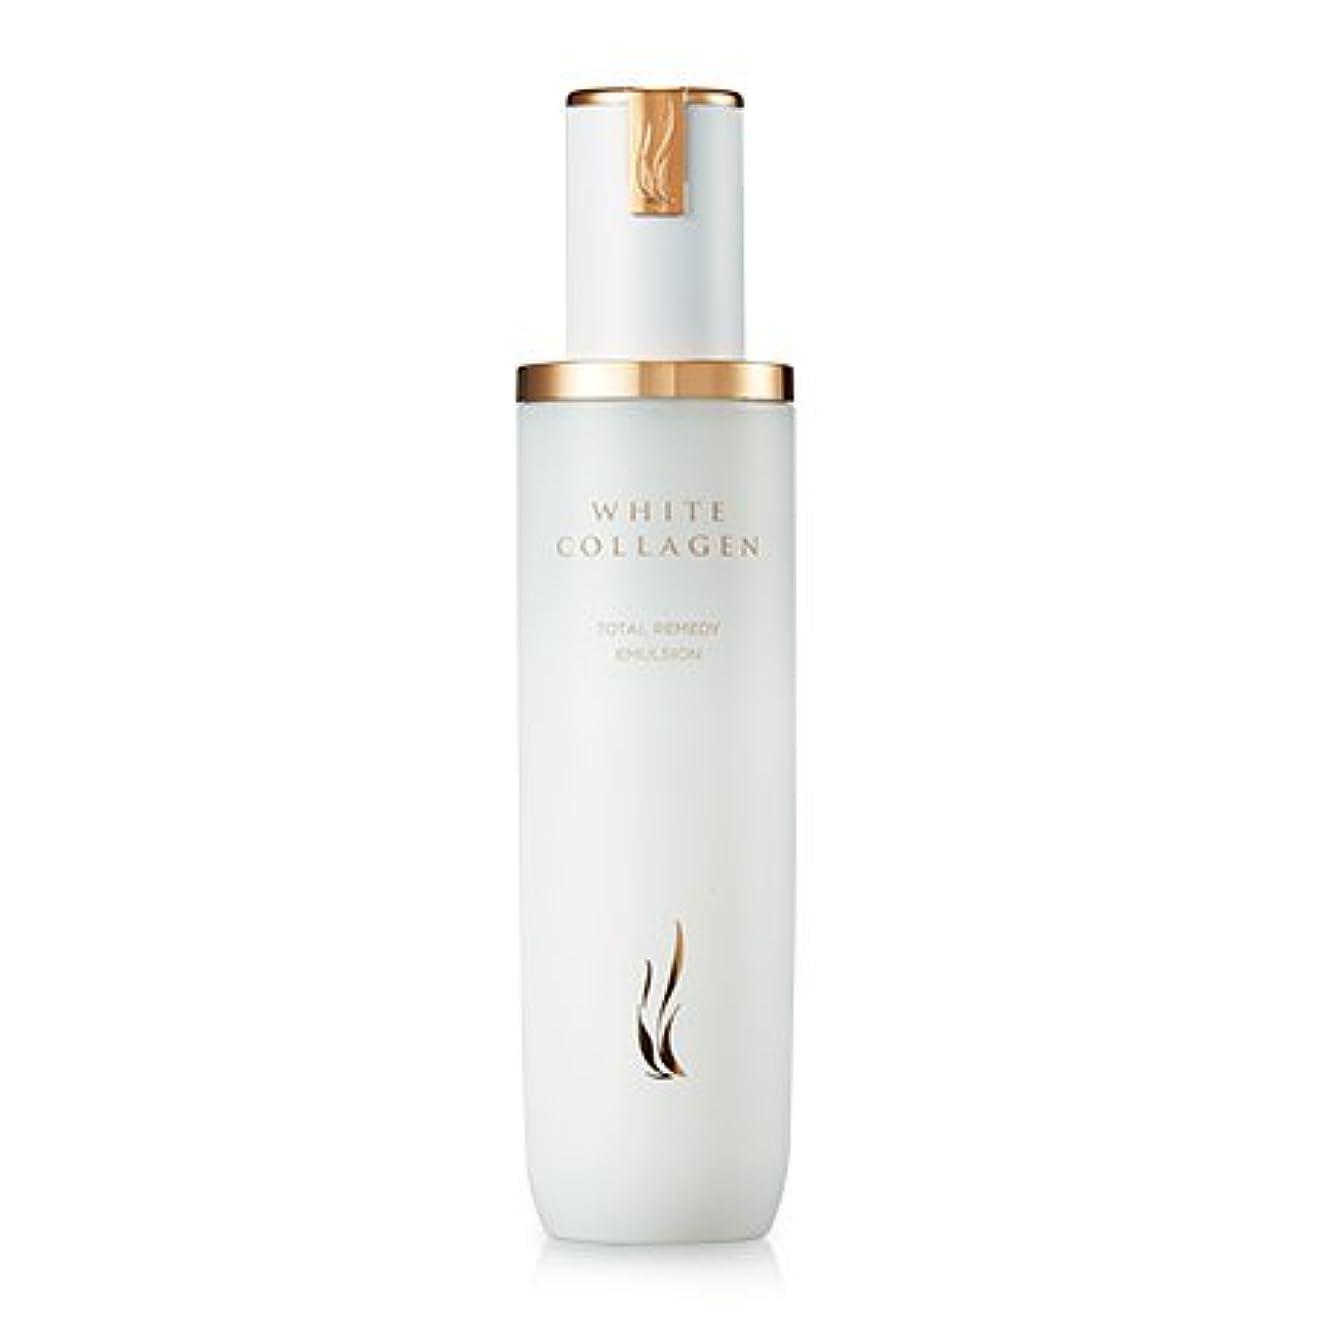 キャンセル不器用比喩[New] A.H.C (AHC) White Collagen Total Remedy Emulsion 130ml/A.H.C ホワイト コラーゲン トータル レミディ エマルジョン 130ml [並行輸入品]